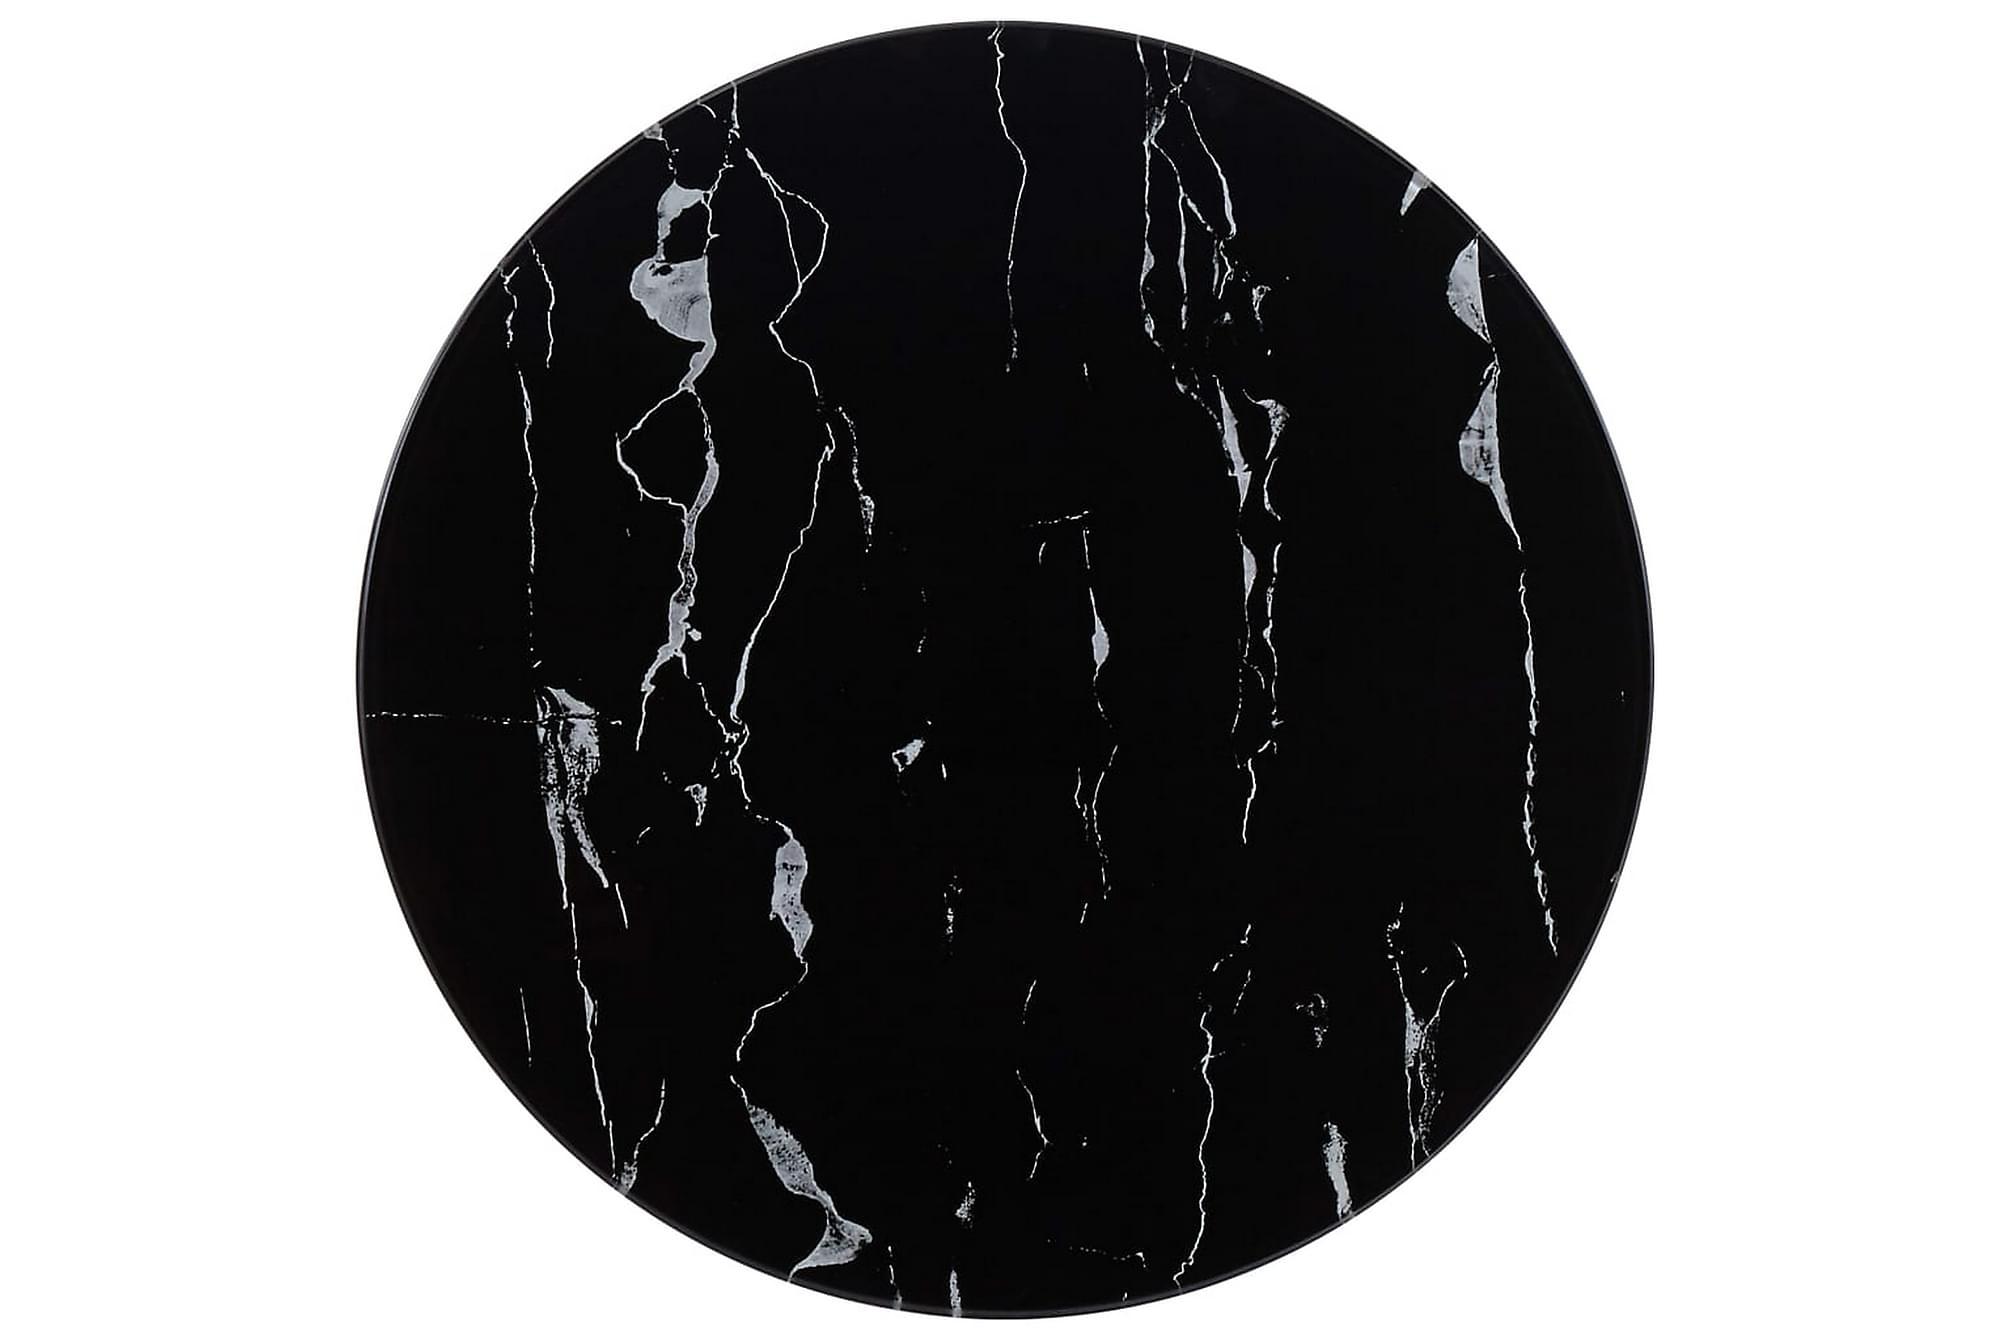 Bordsskiva svart Ã?50 cm glas med marmortextur, Bordsben & tillbehör